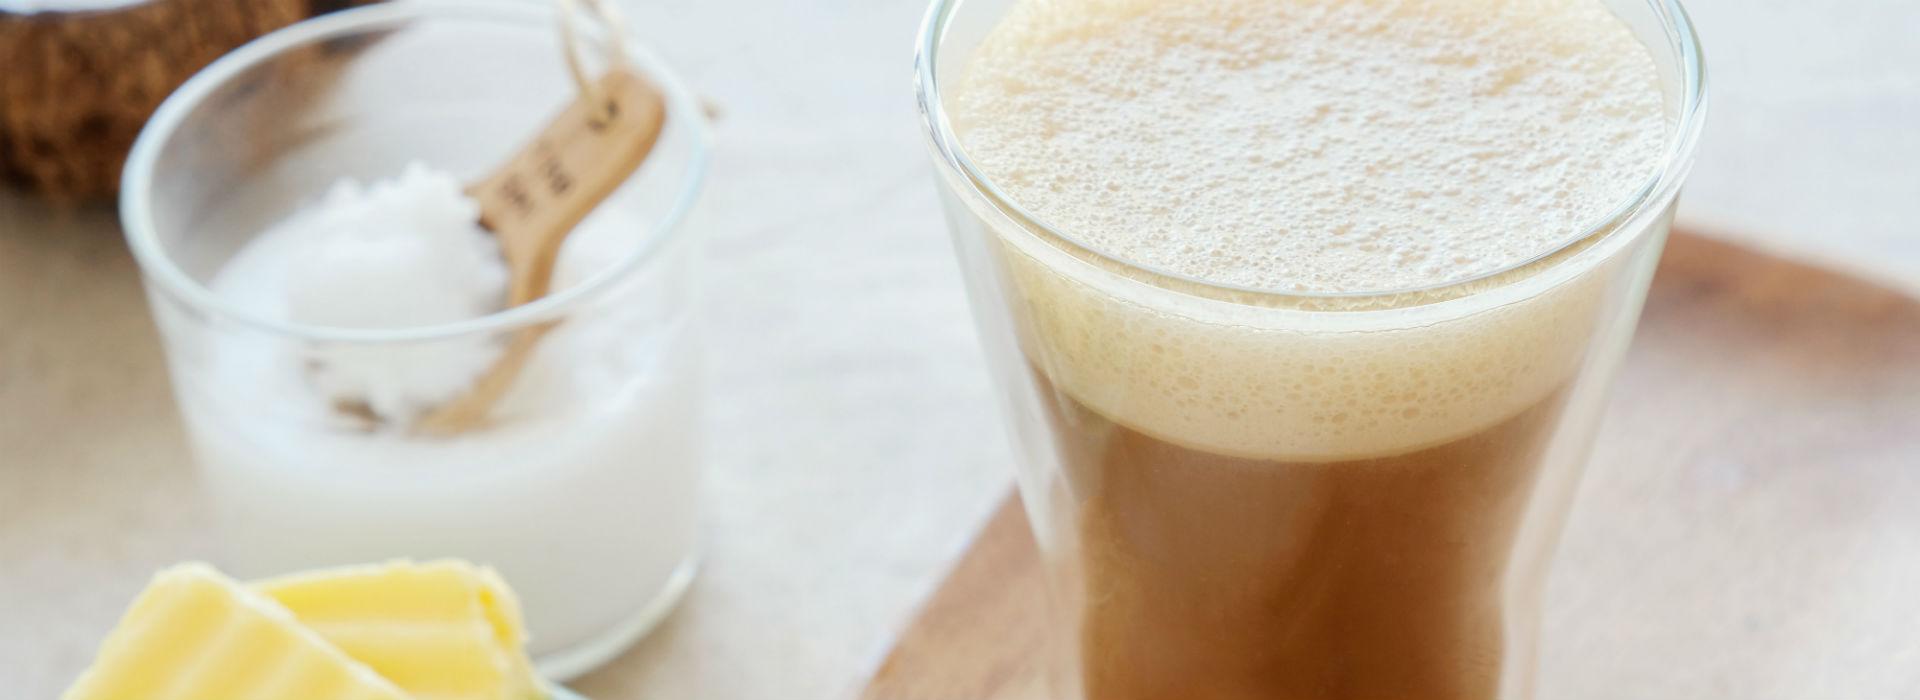 喝防彈咖啡就能減肥 真有這麼神奇?